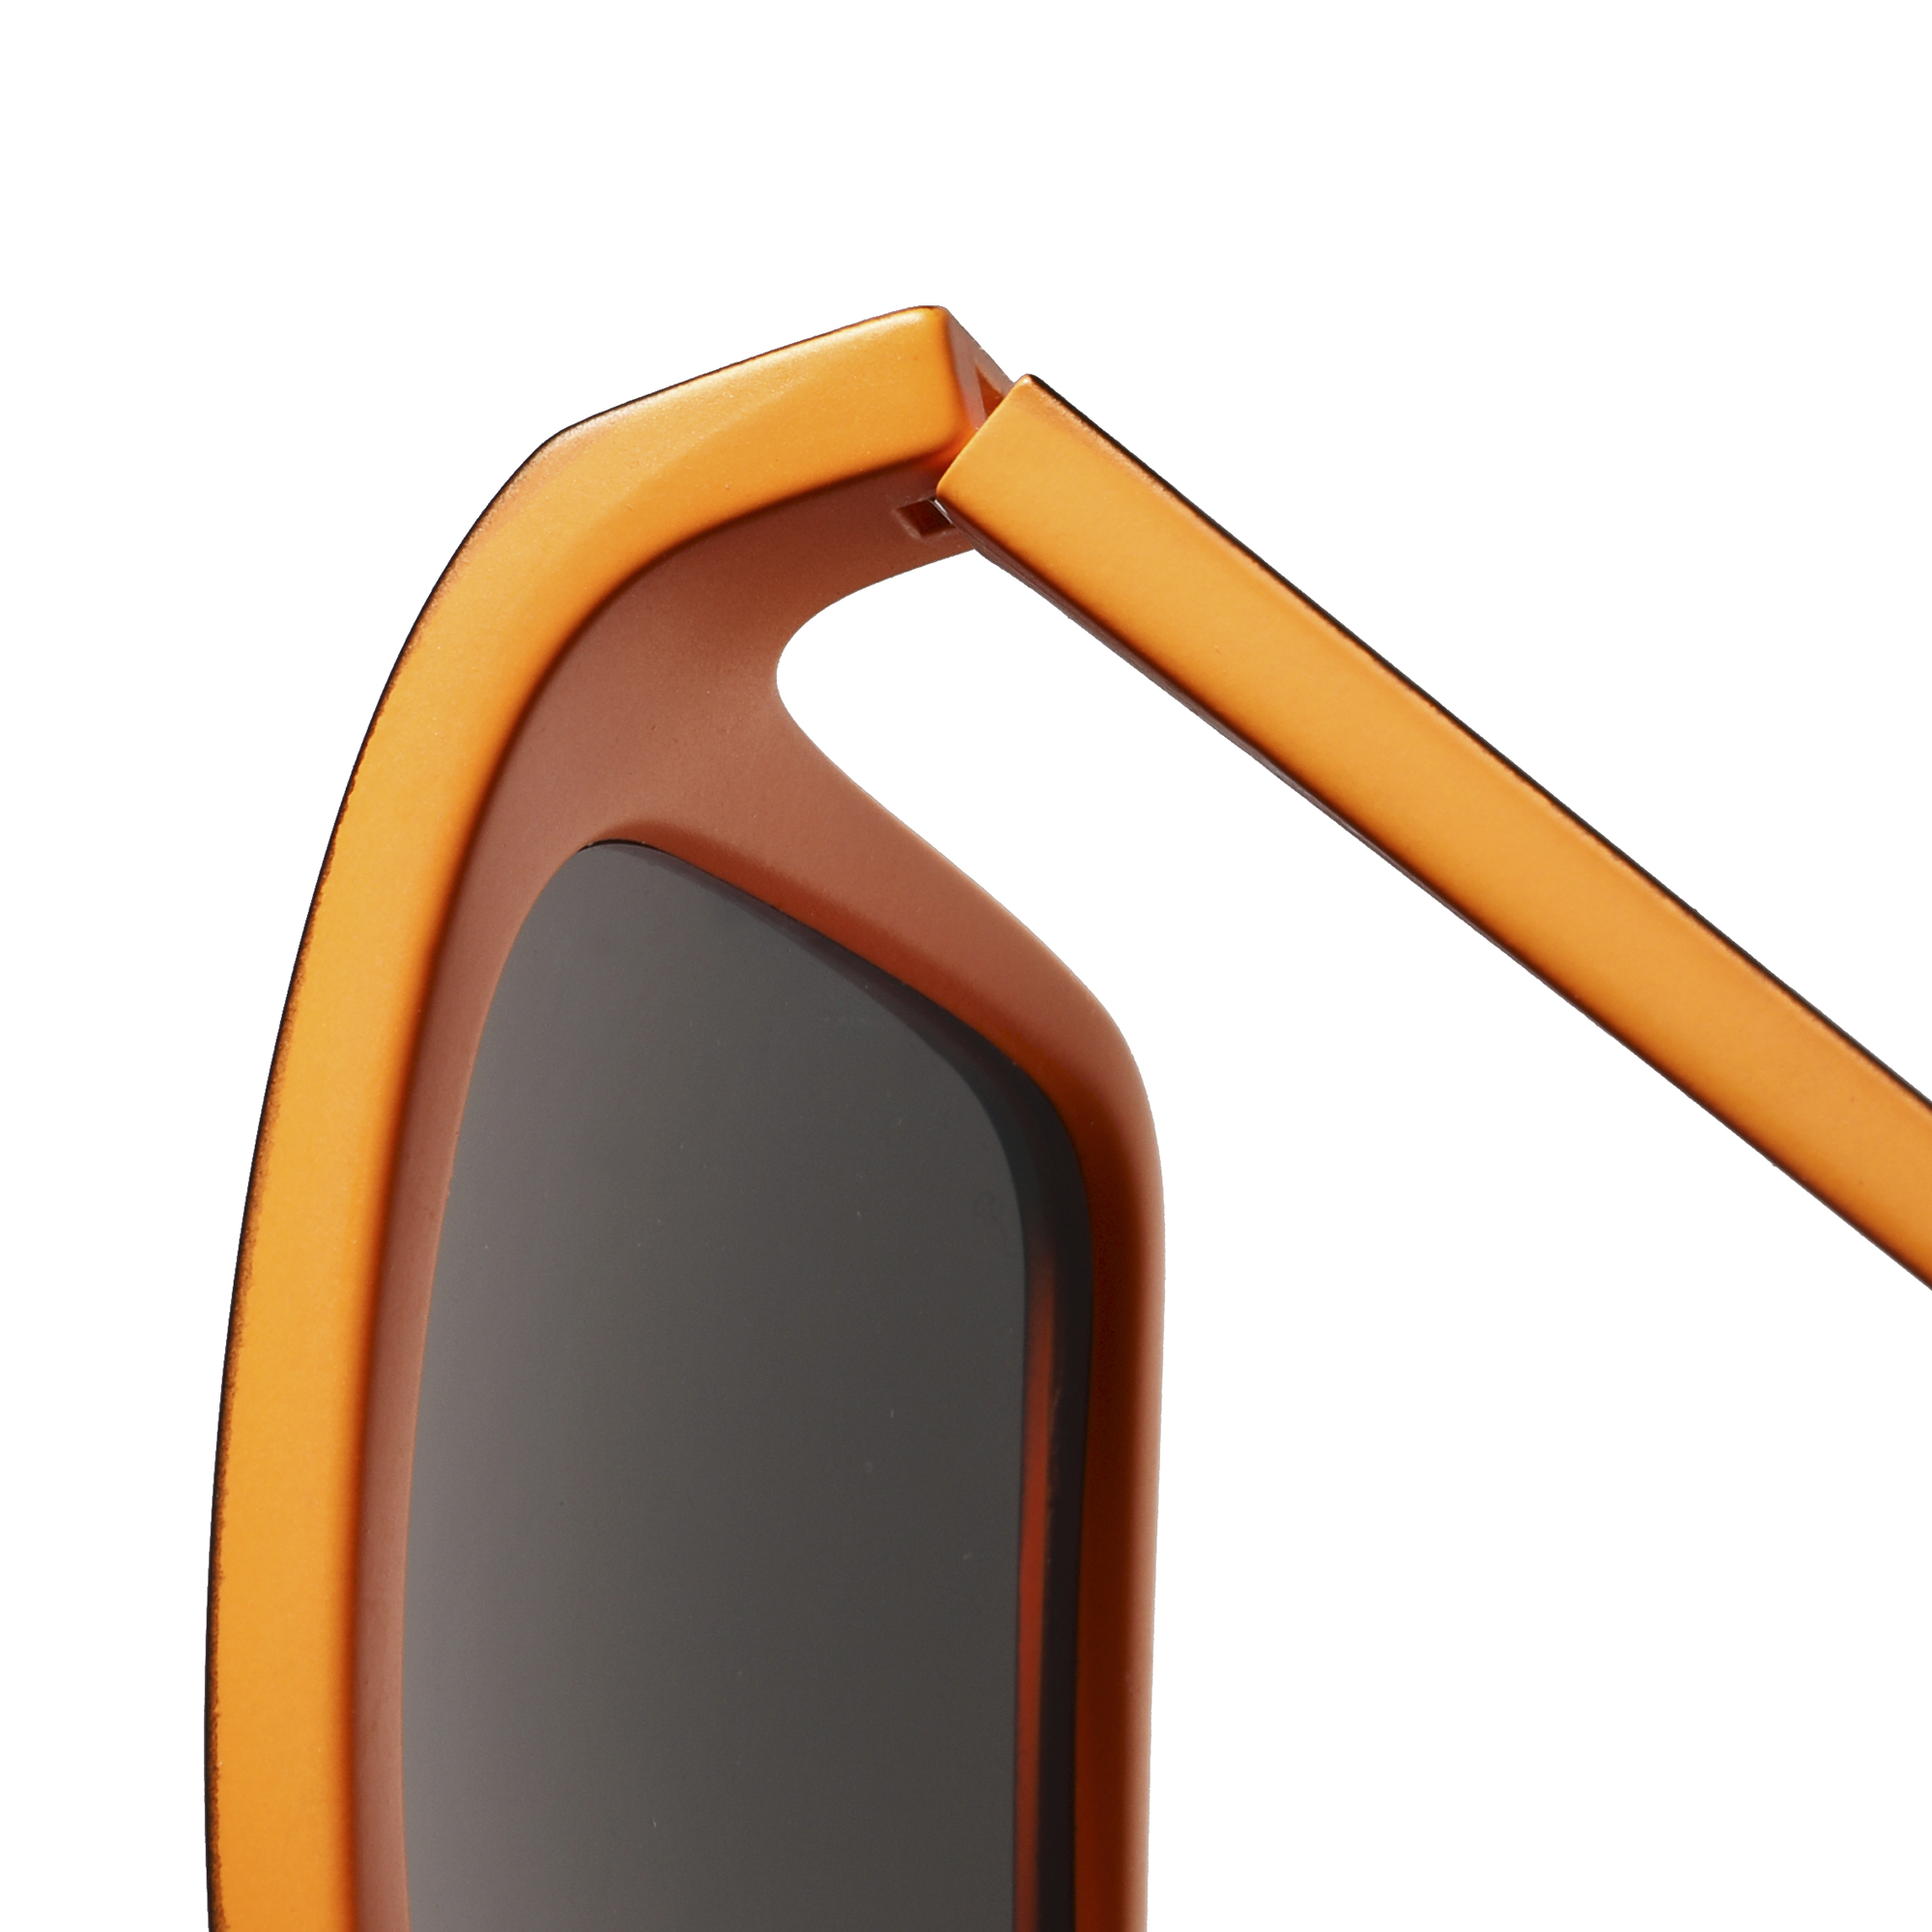 Experimental Edition Evolution FLT Sunglasses - Close Up Arm Close